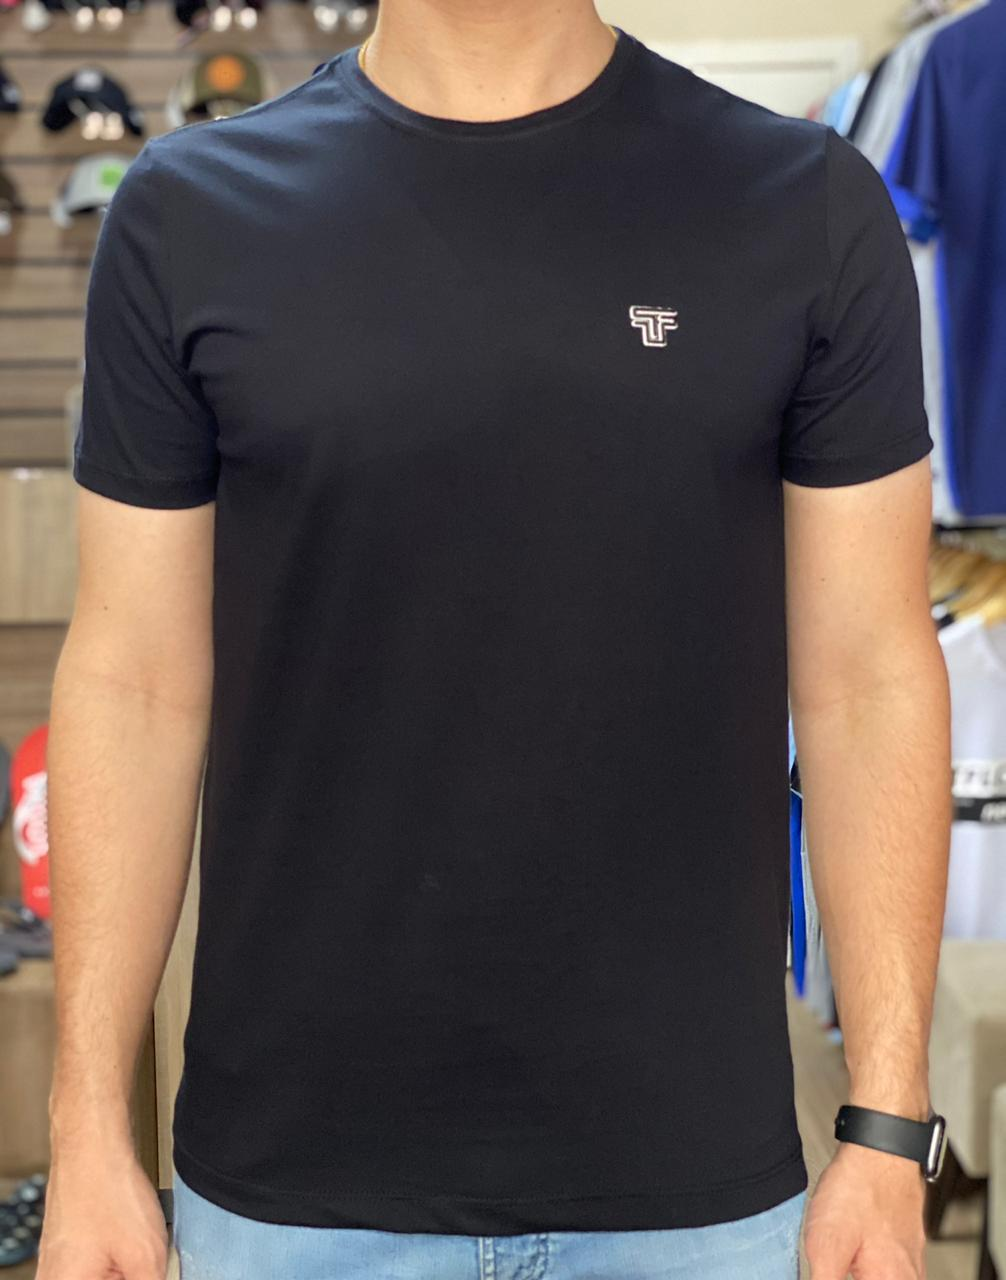 Camiseta Tflow basic 1265002005